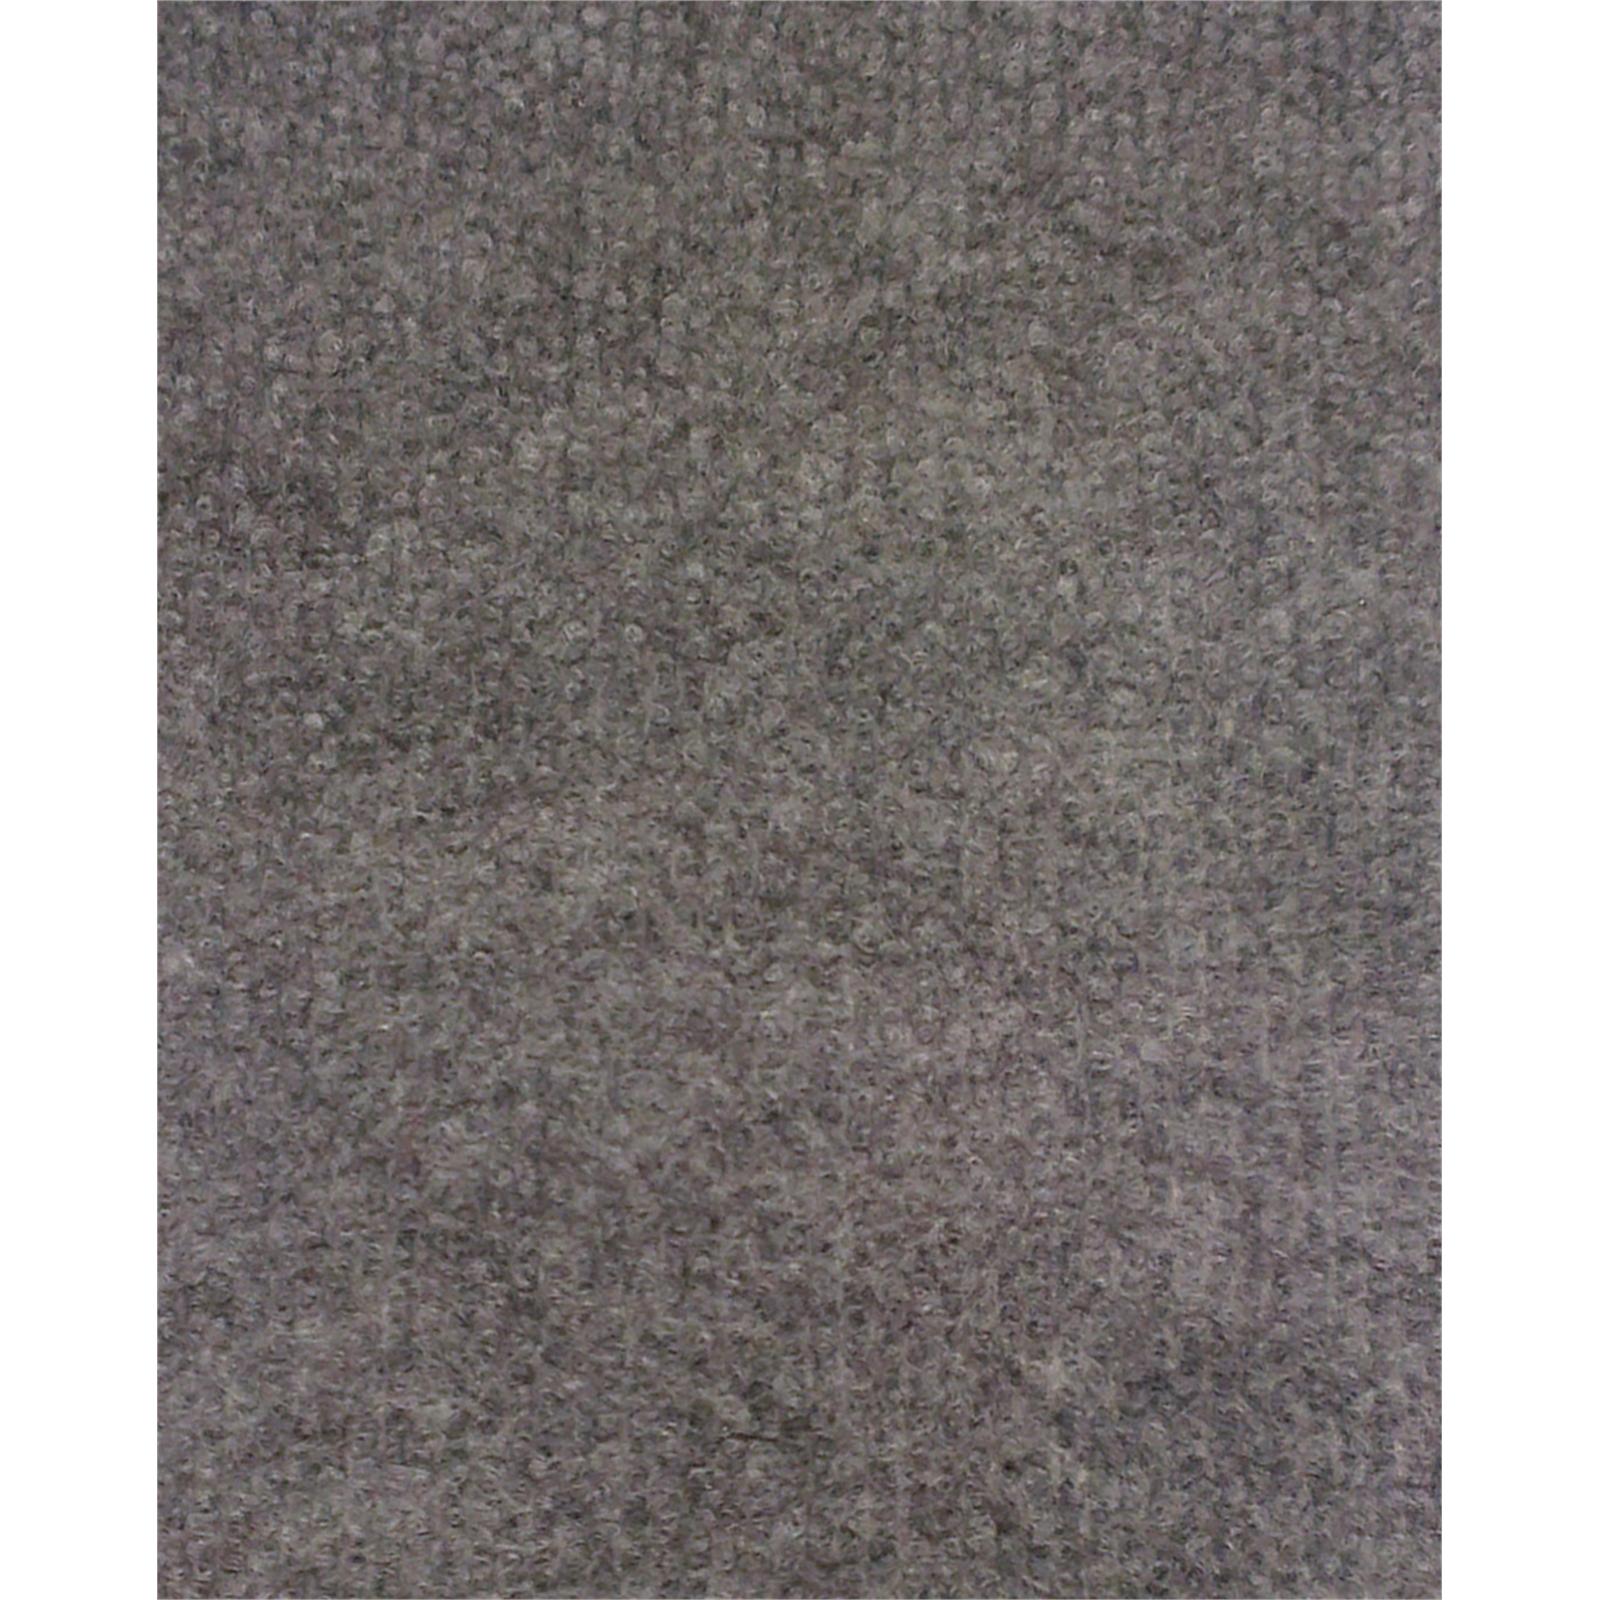 Ideal DIY Floors 2m Charcoal Deco Ribbed Foambak Indoor Carpet